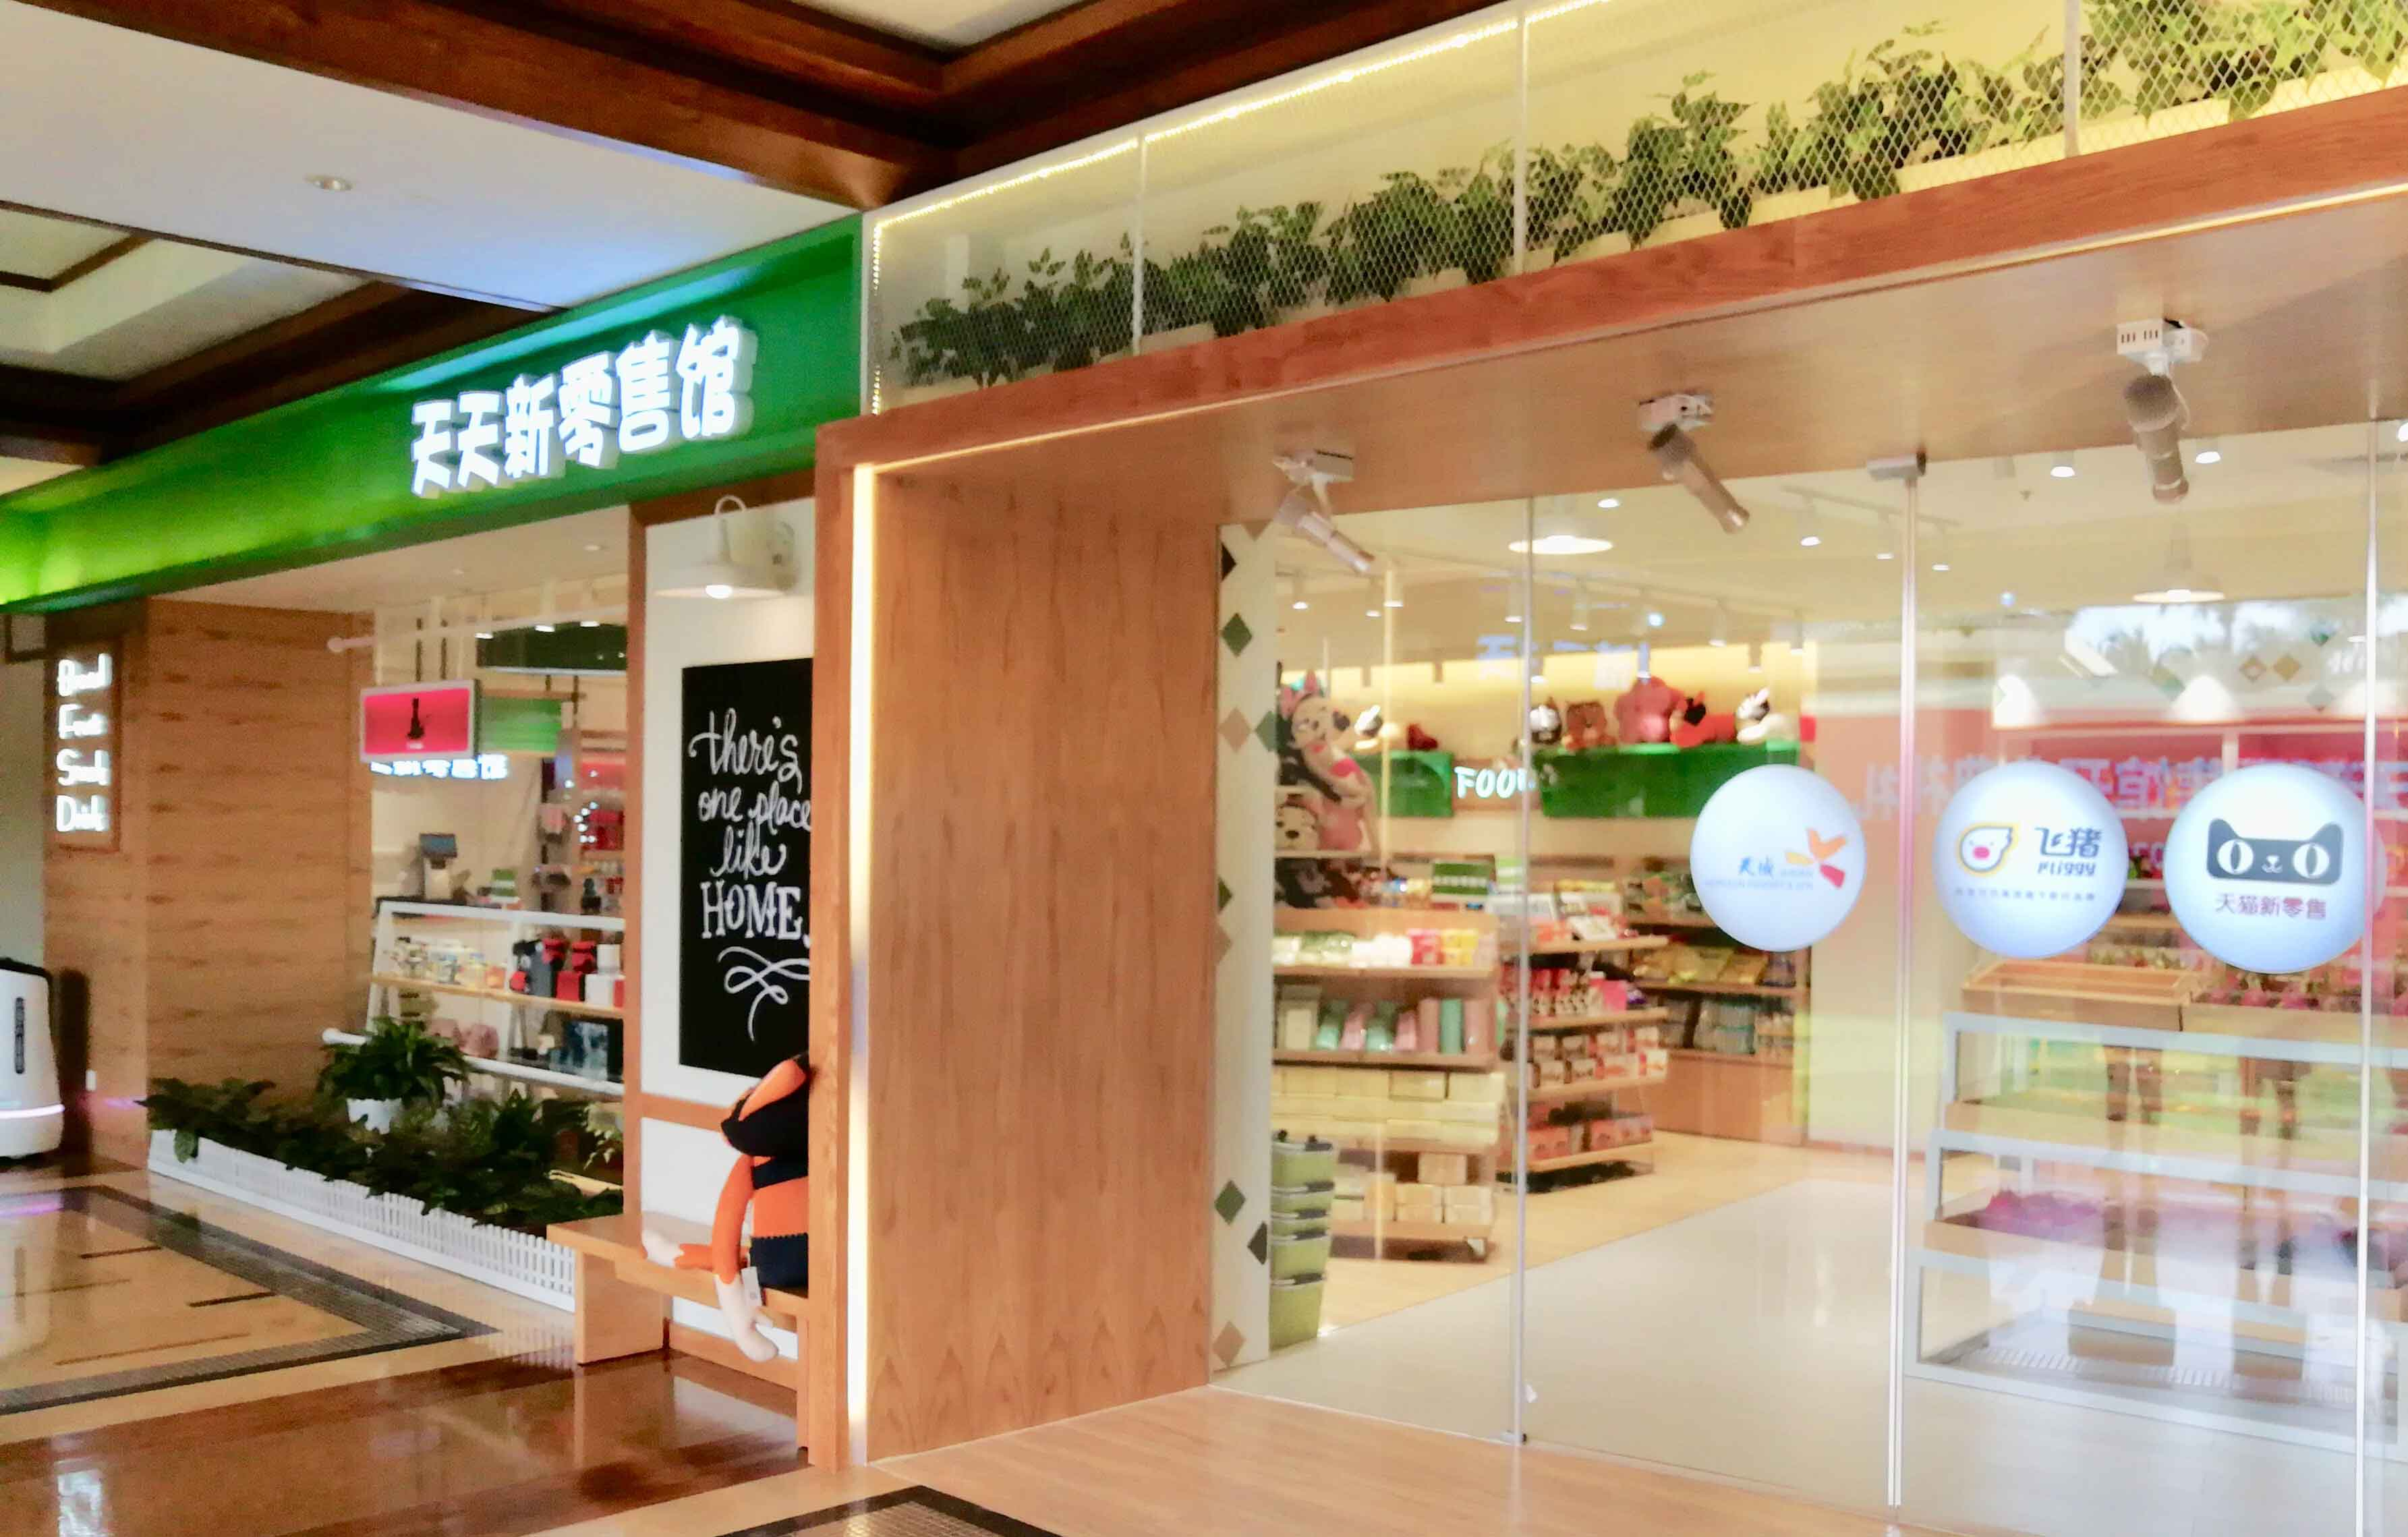 飞猪:未来酒店再升级 新零售开启新想象空间